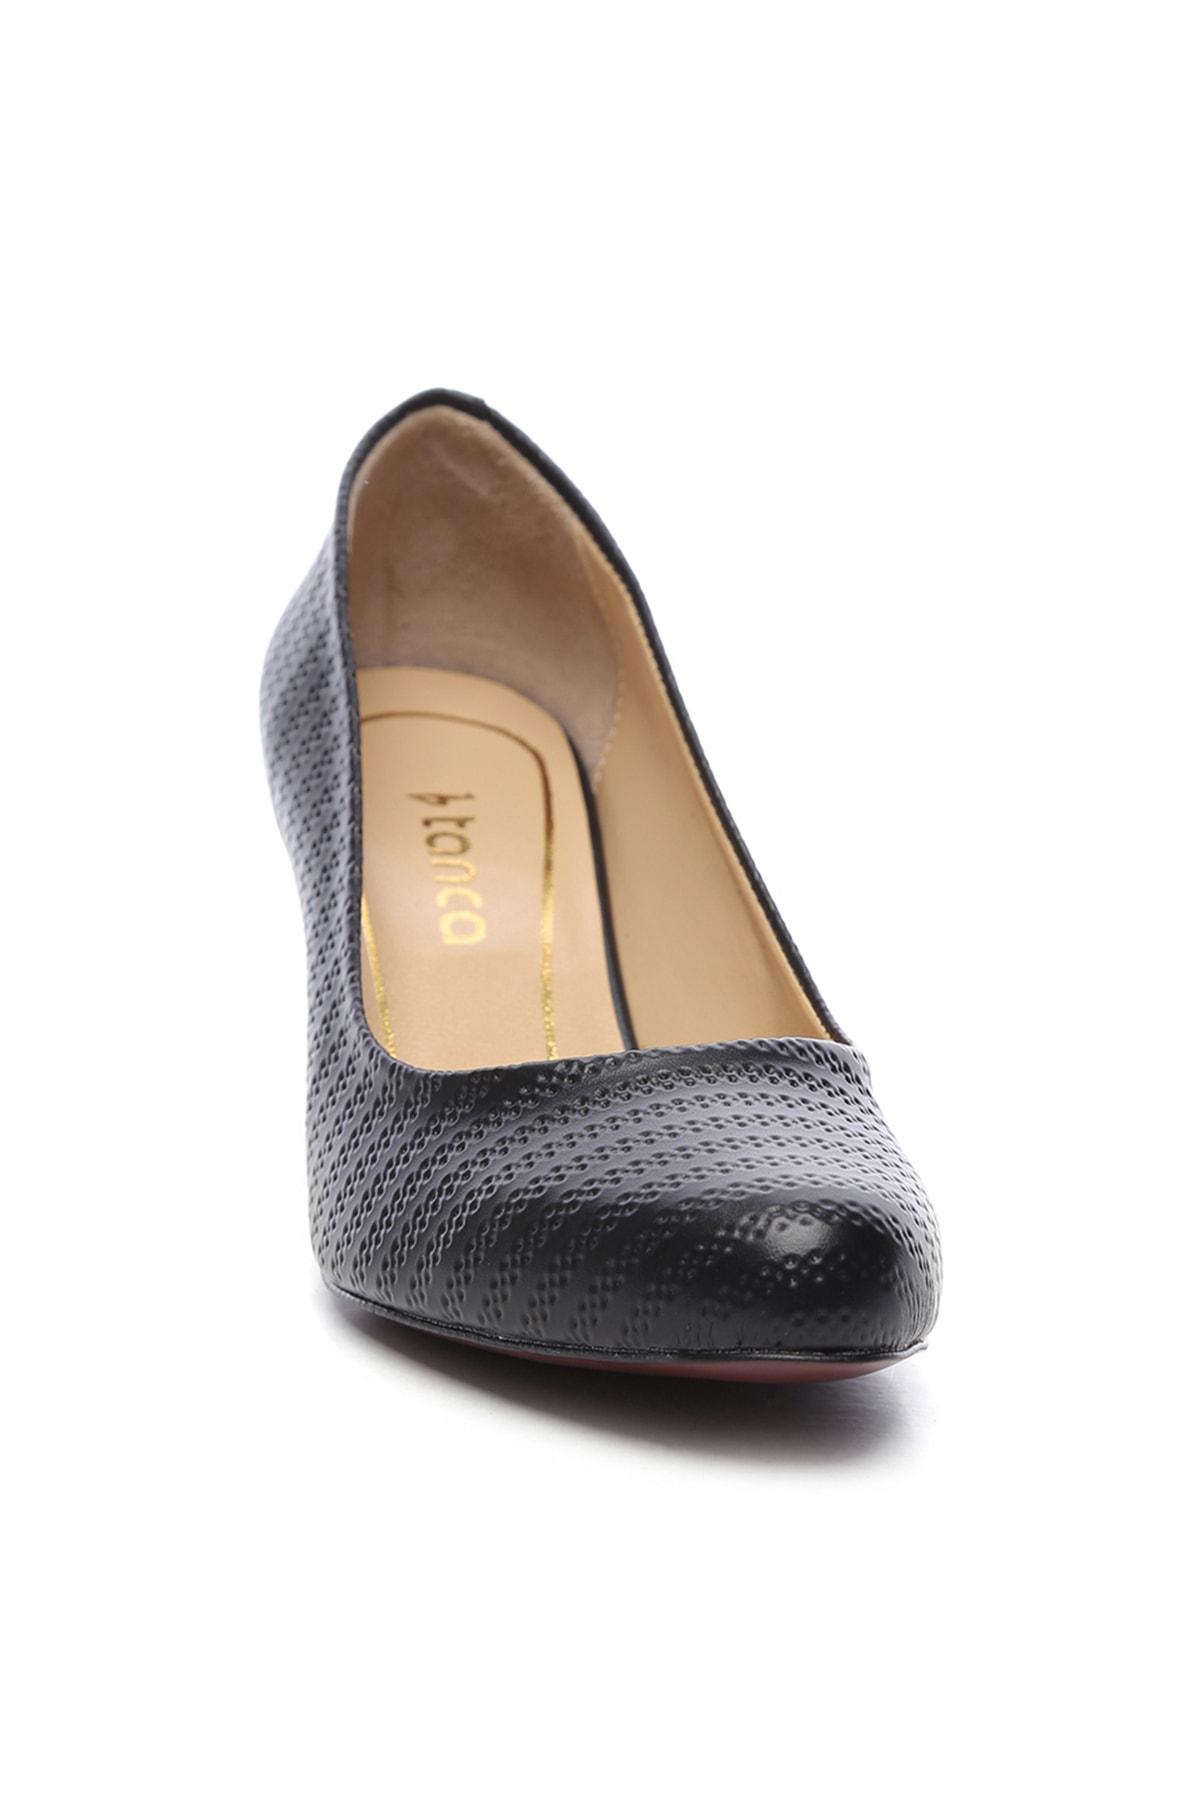 KEMAL TANCA Siyah Kadın Vegan Klasik Topuklu Ayakkabı 723 2032 BN AYK Y19 2